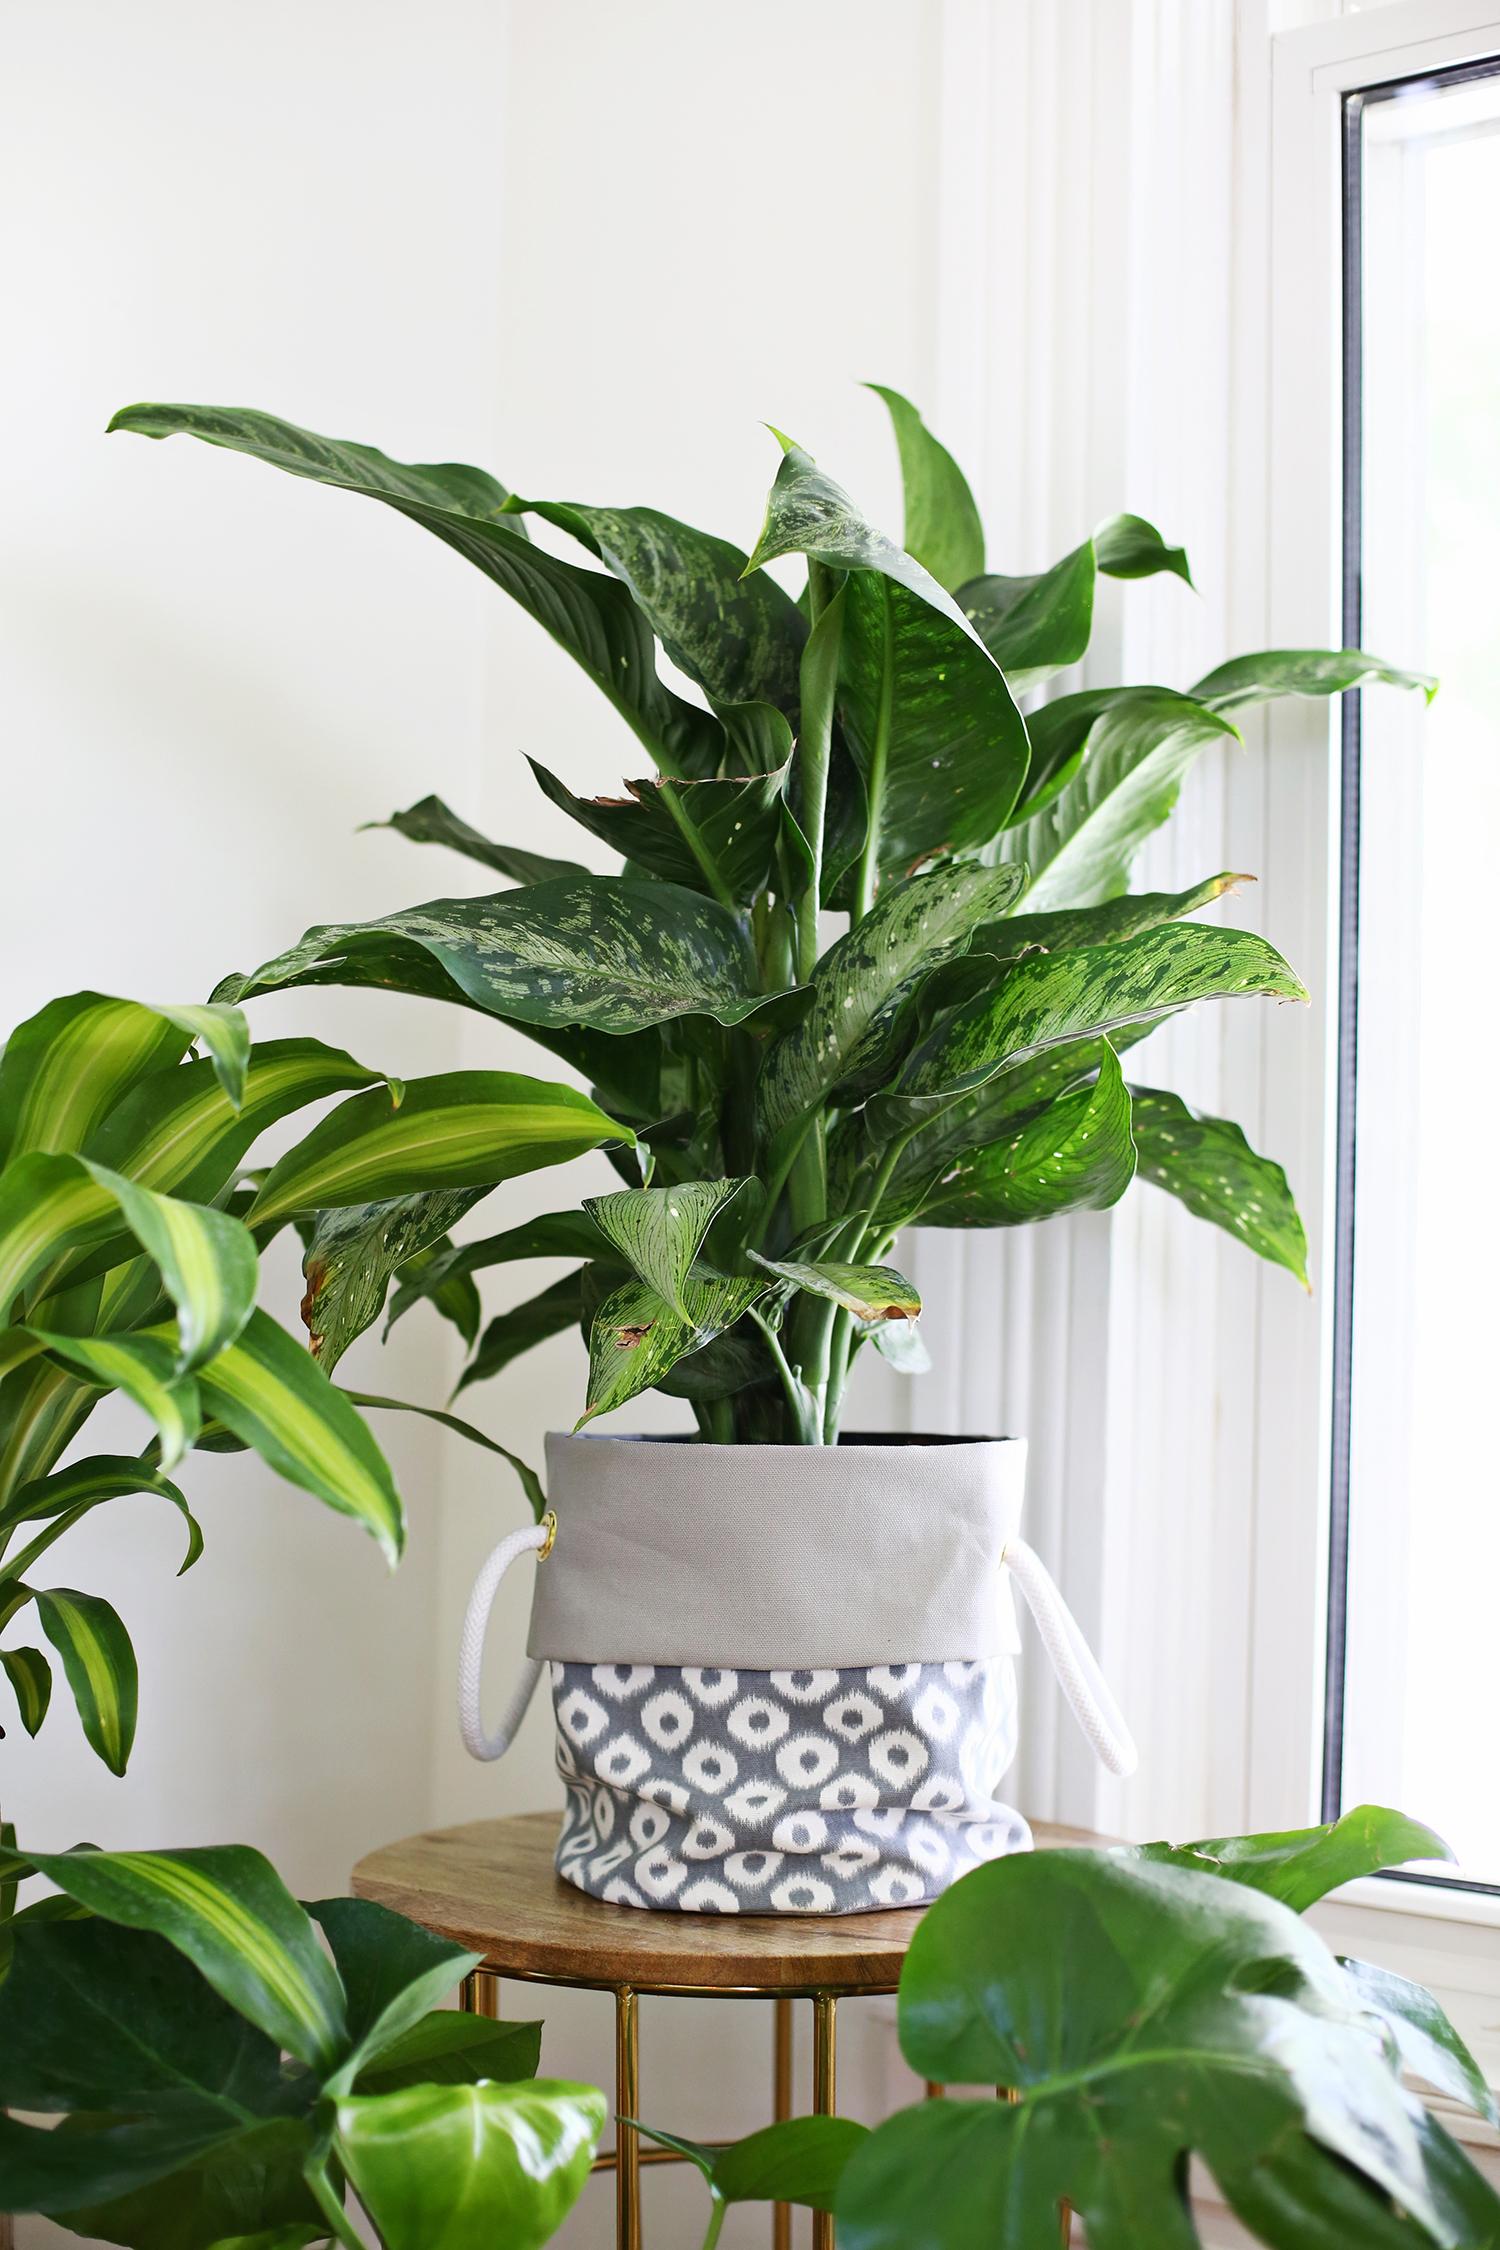 Fabric Planter DIY (click through for tutorial)